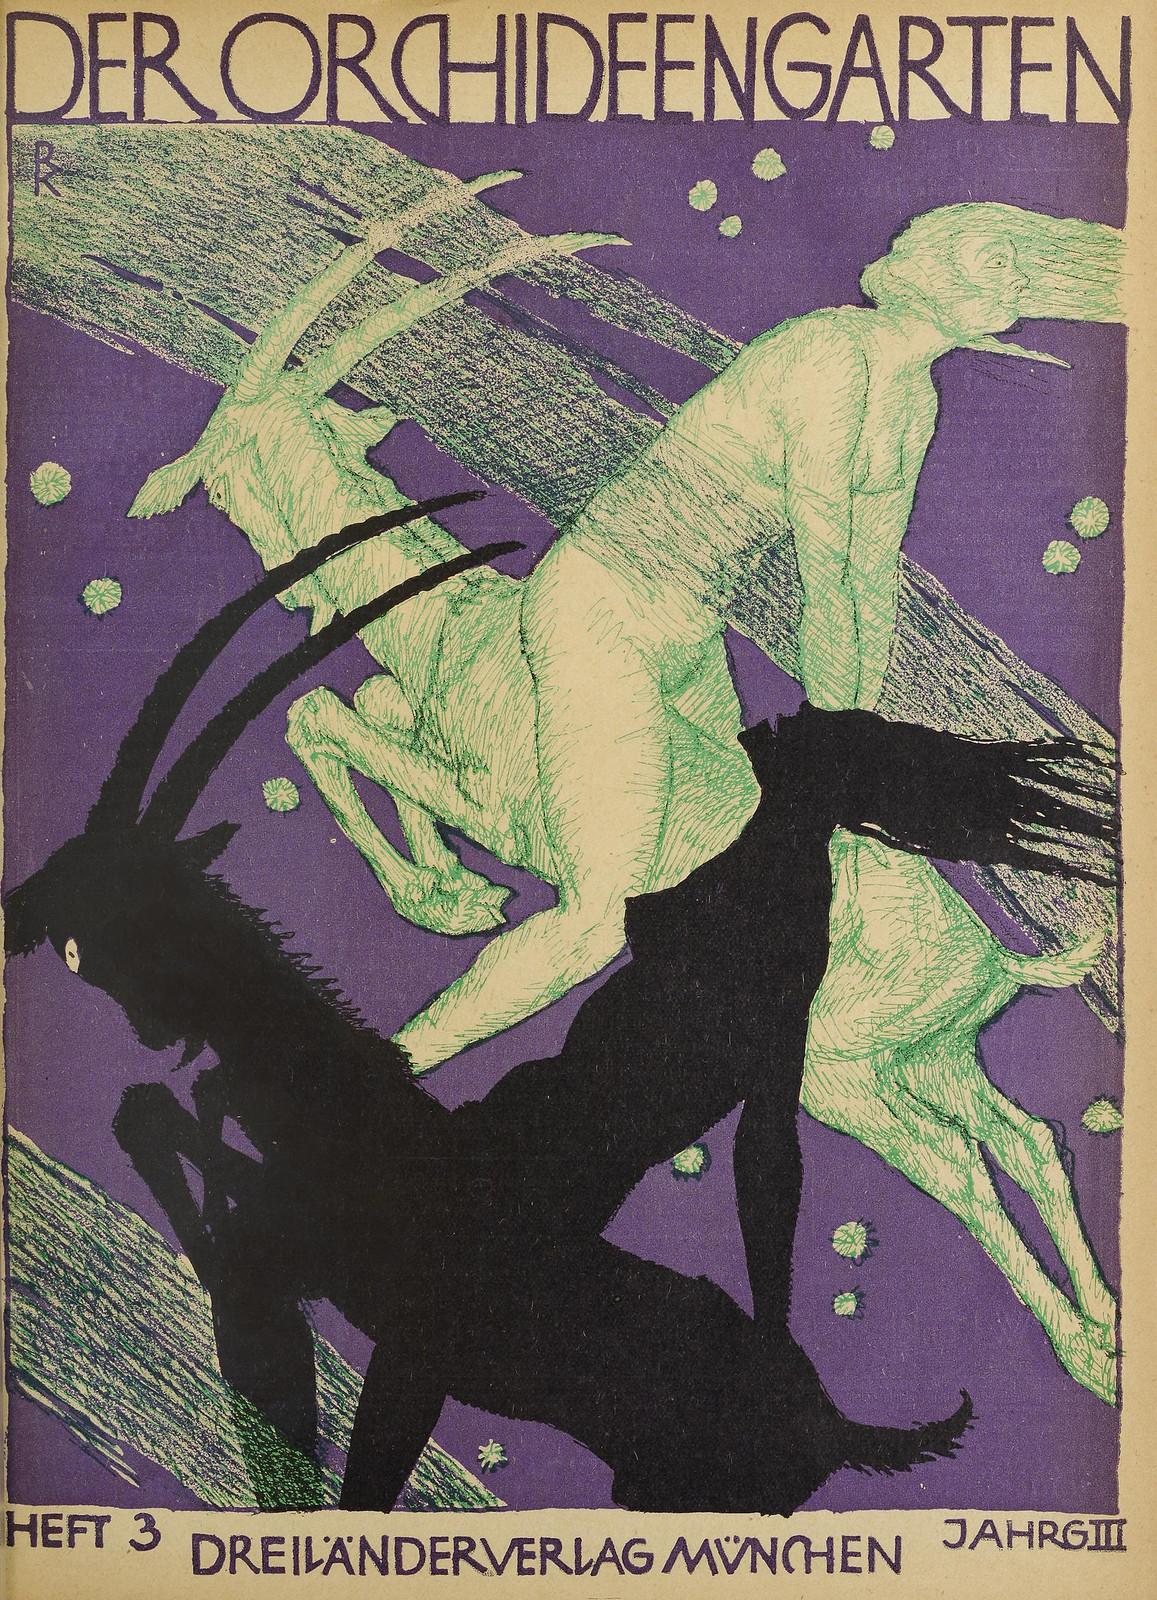 Der Orchideengarten - 1921 (Cover 3)